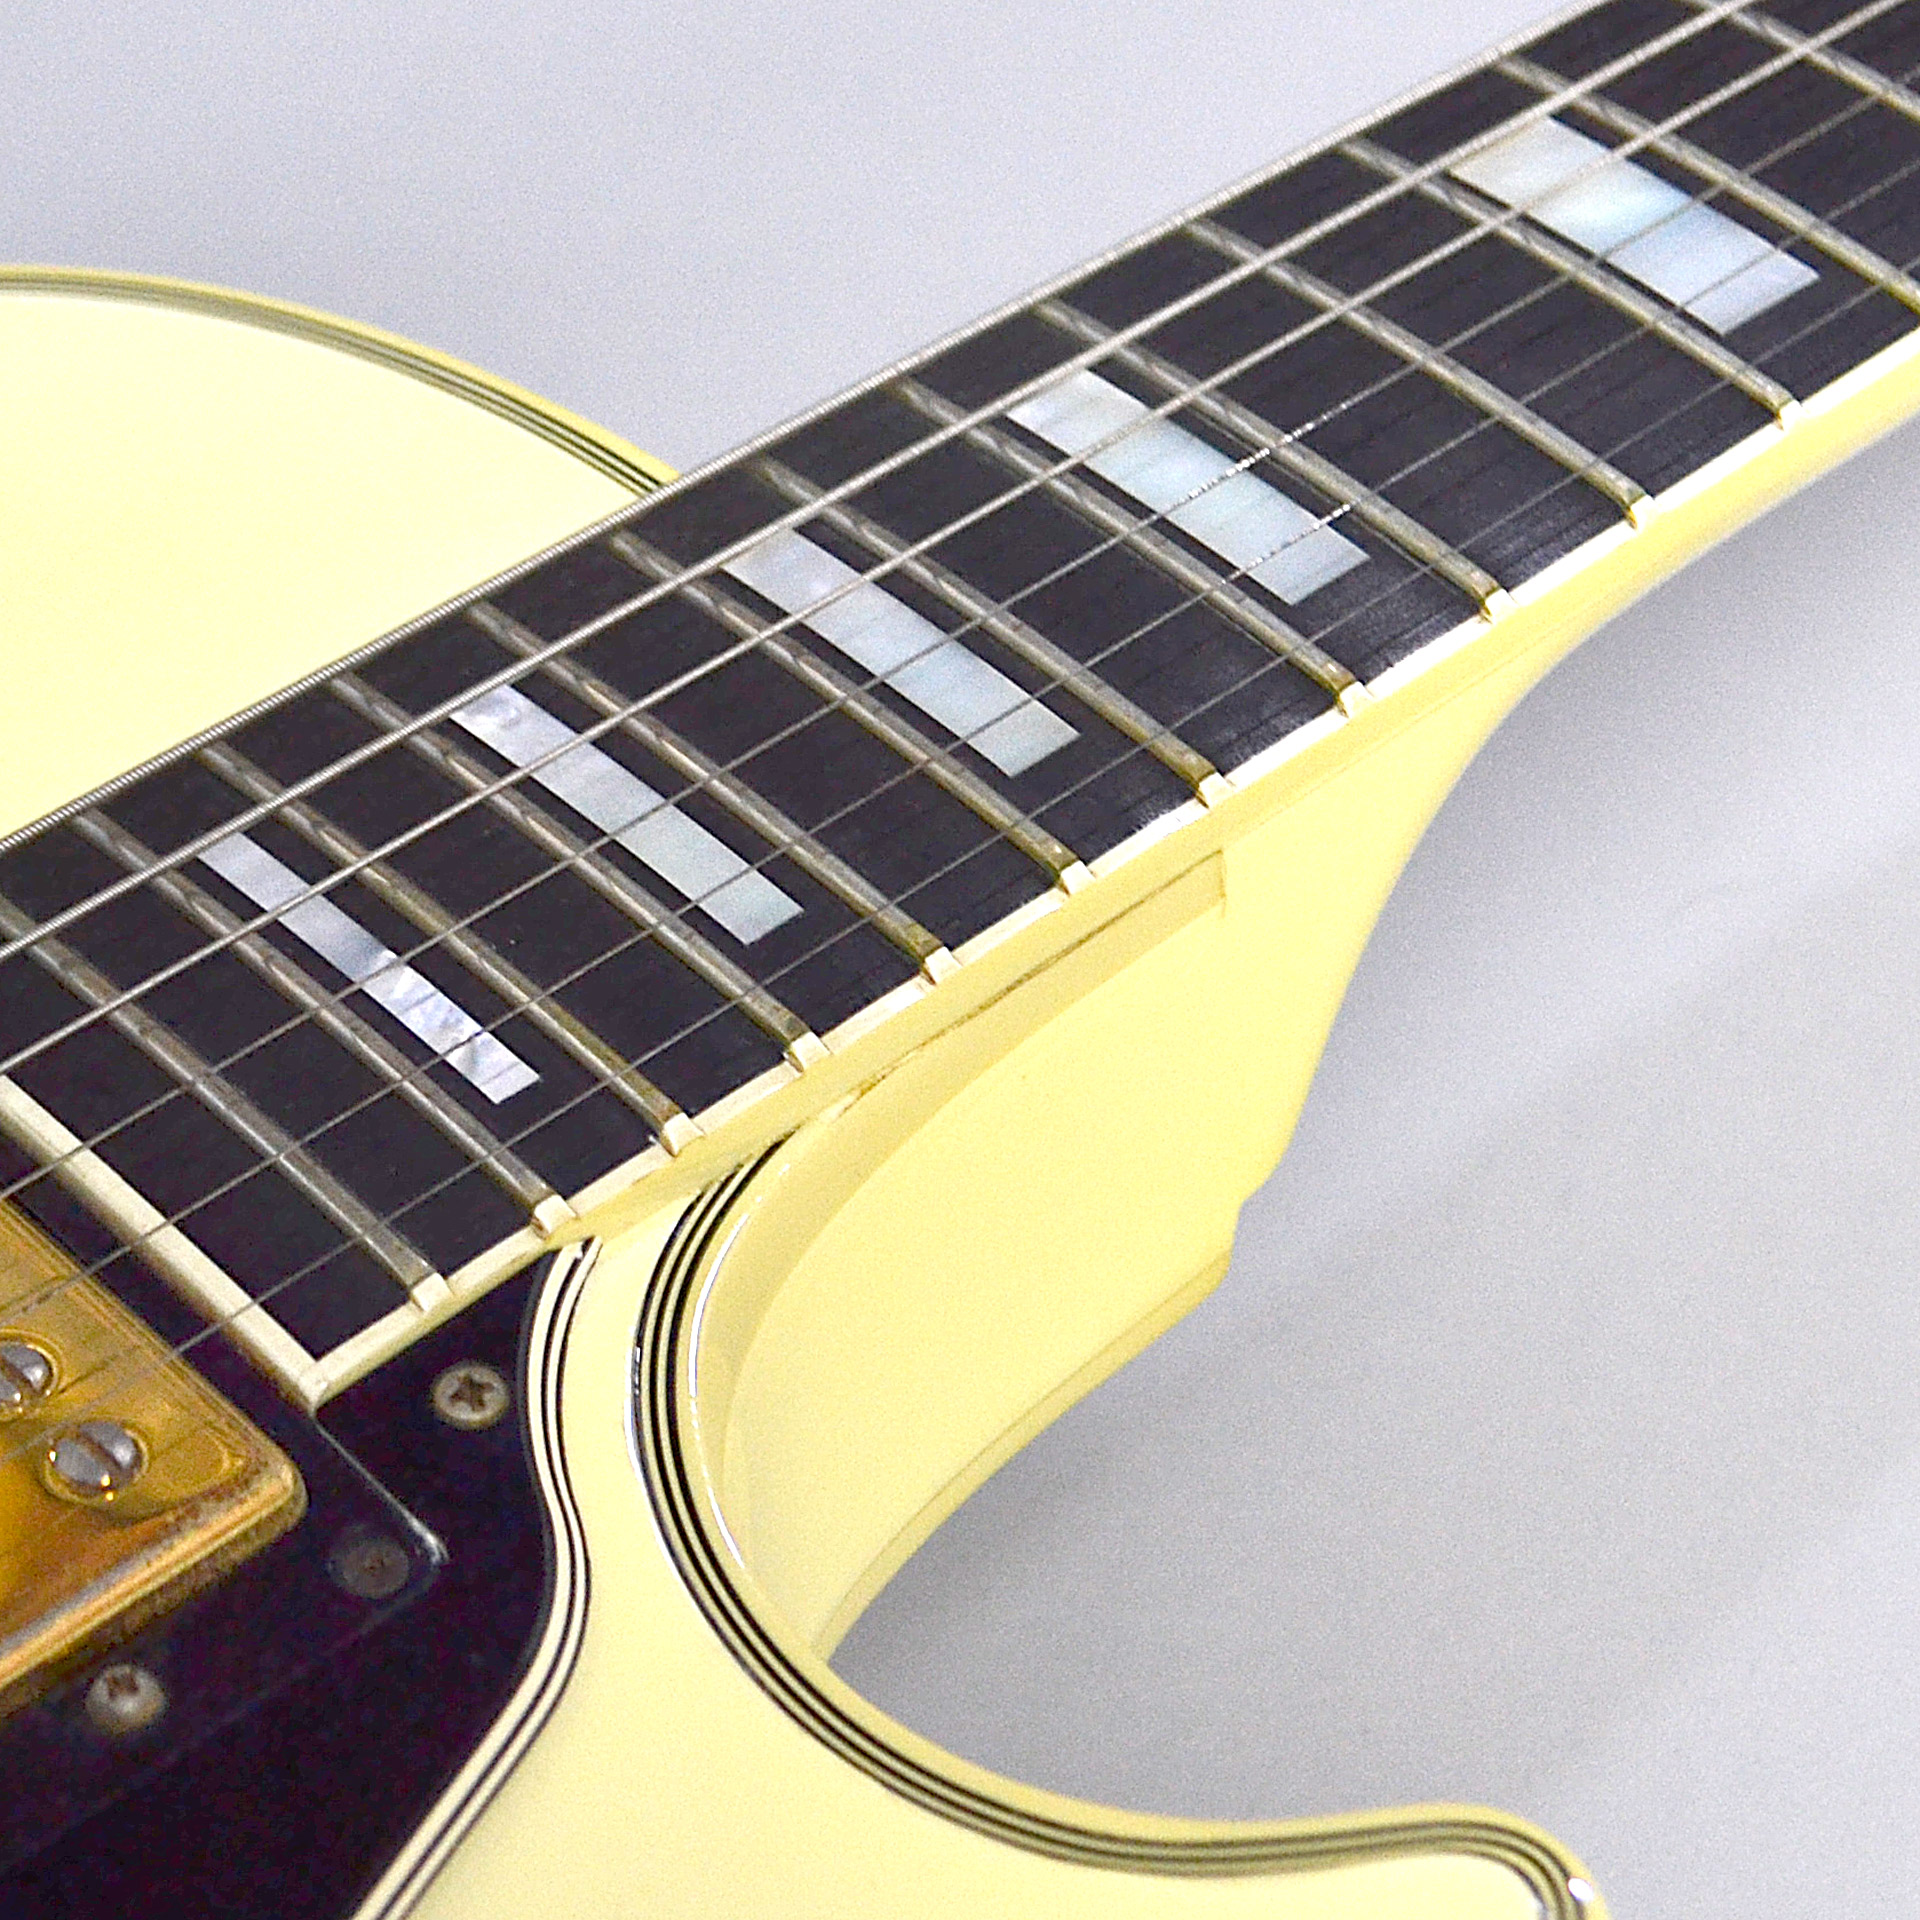 Les Paul Custom 99の全体画像(縦)